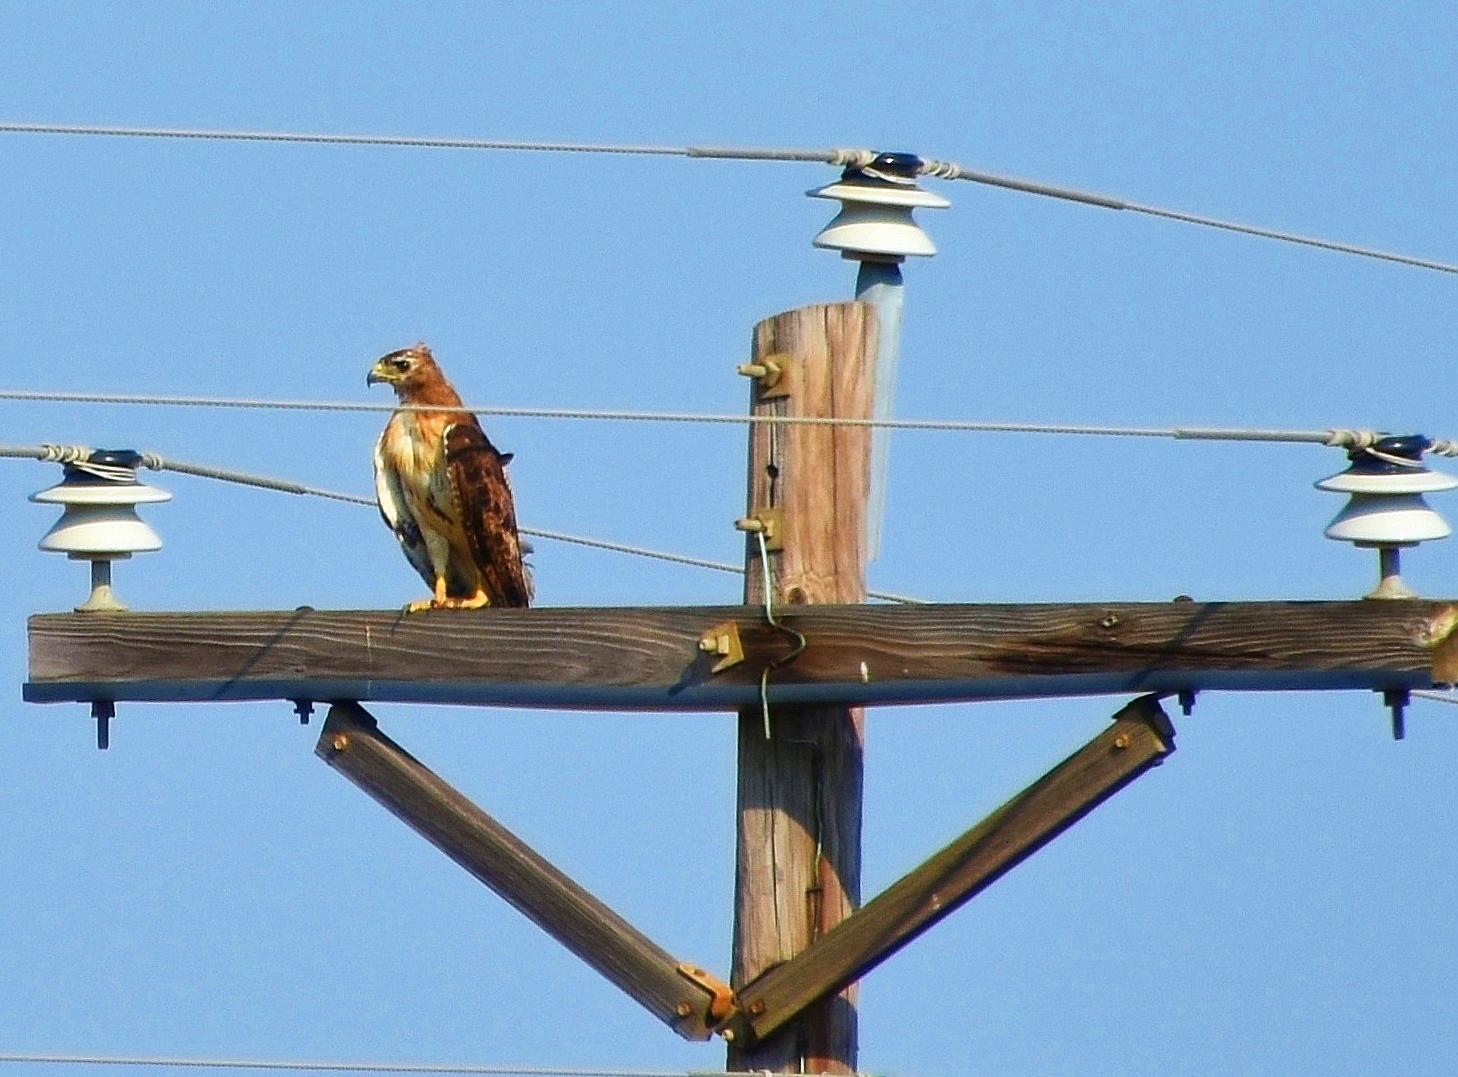 hawk closeup on electric pole